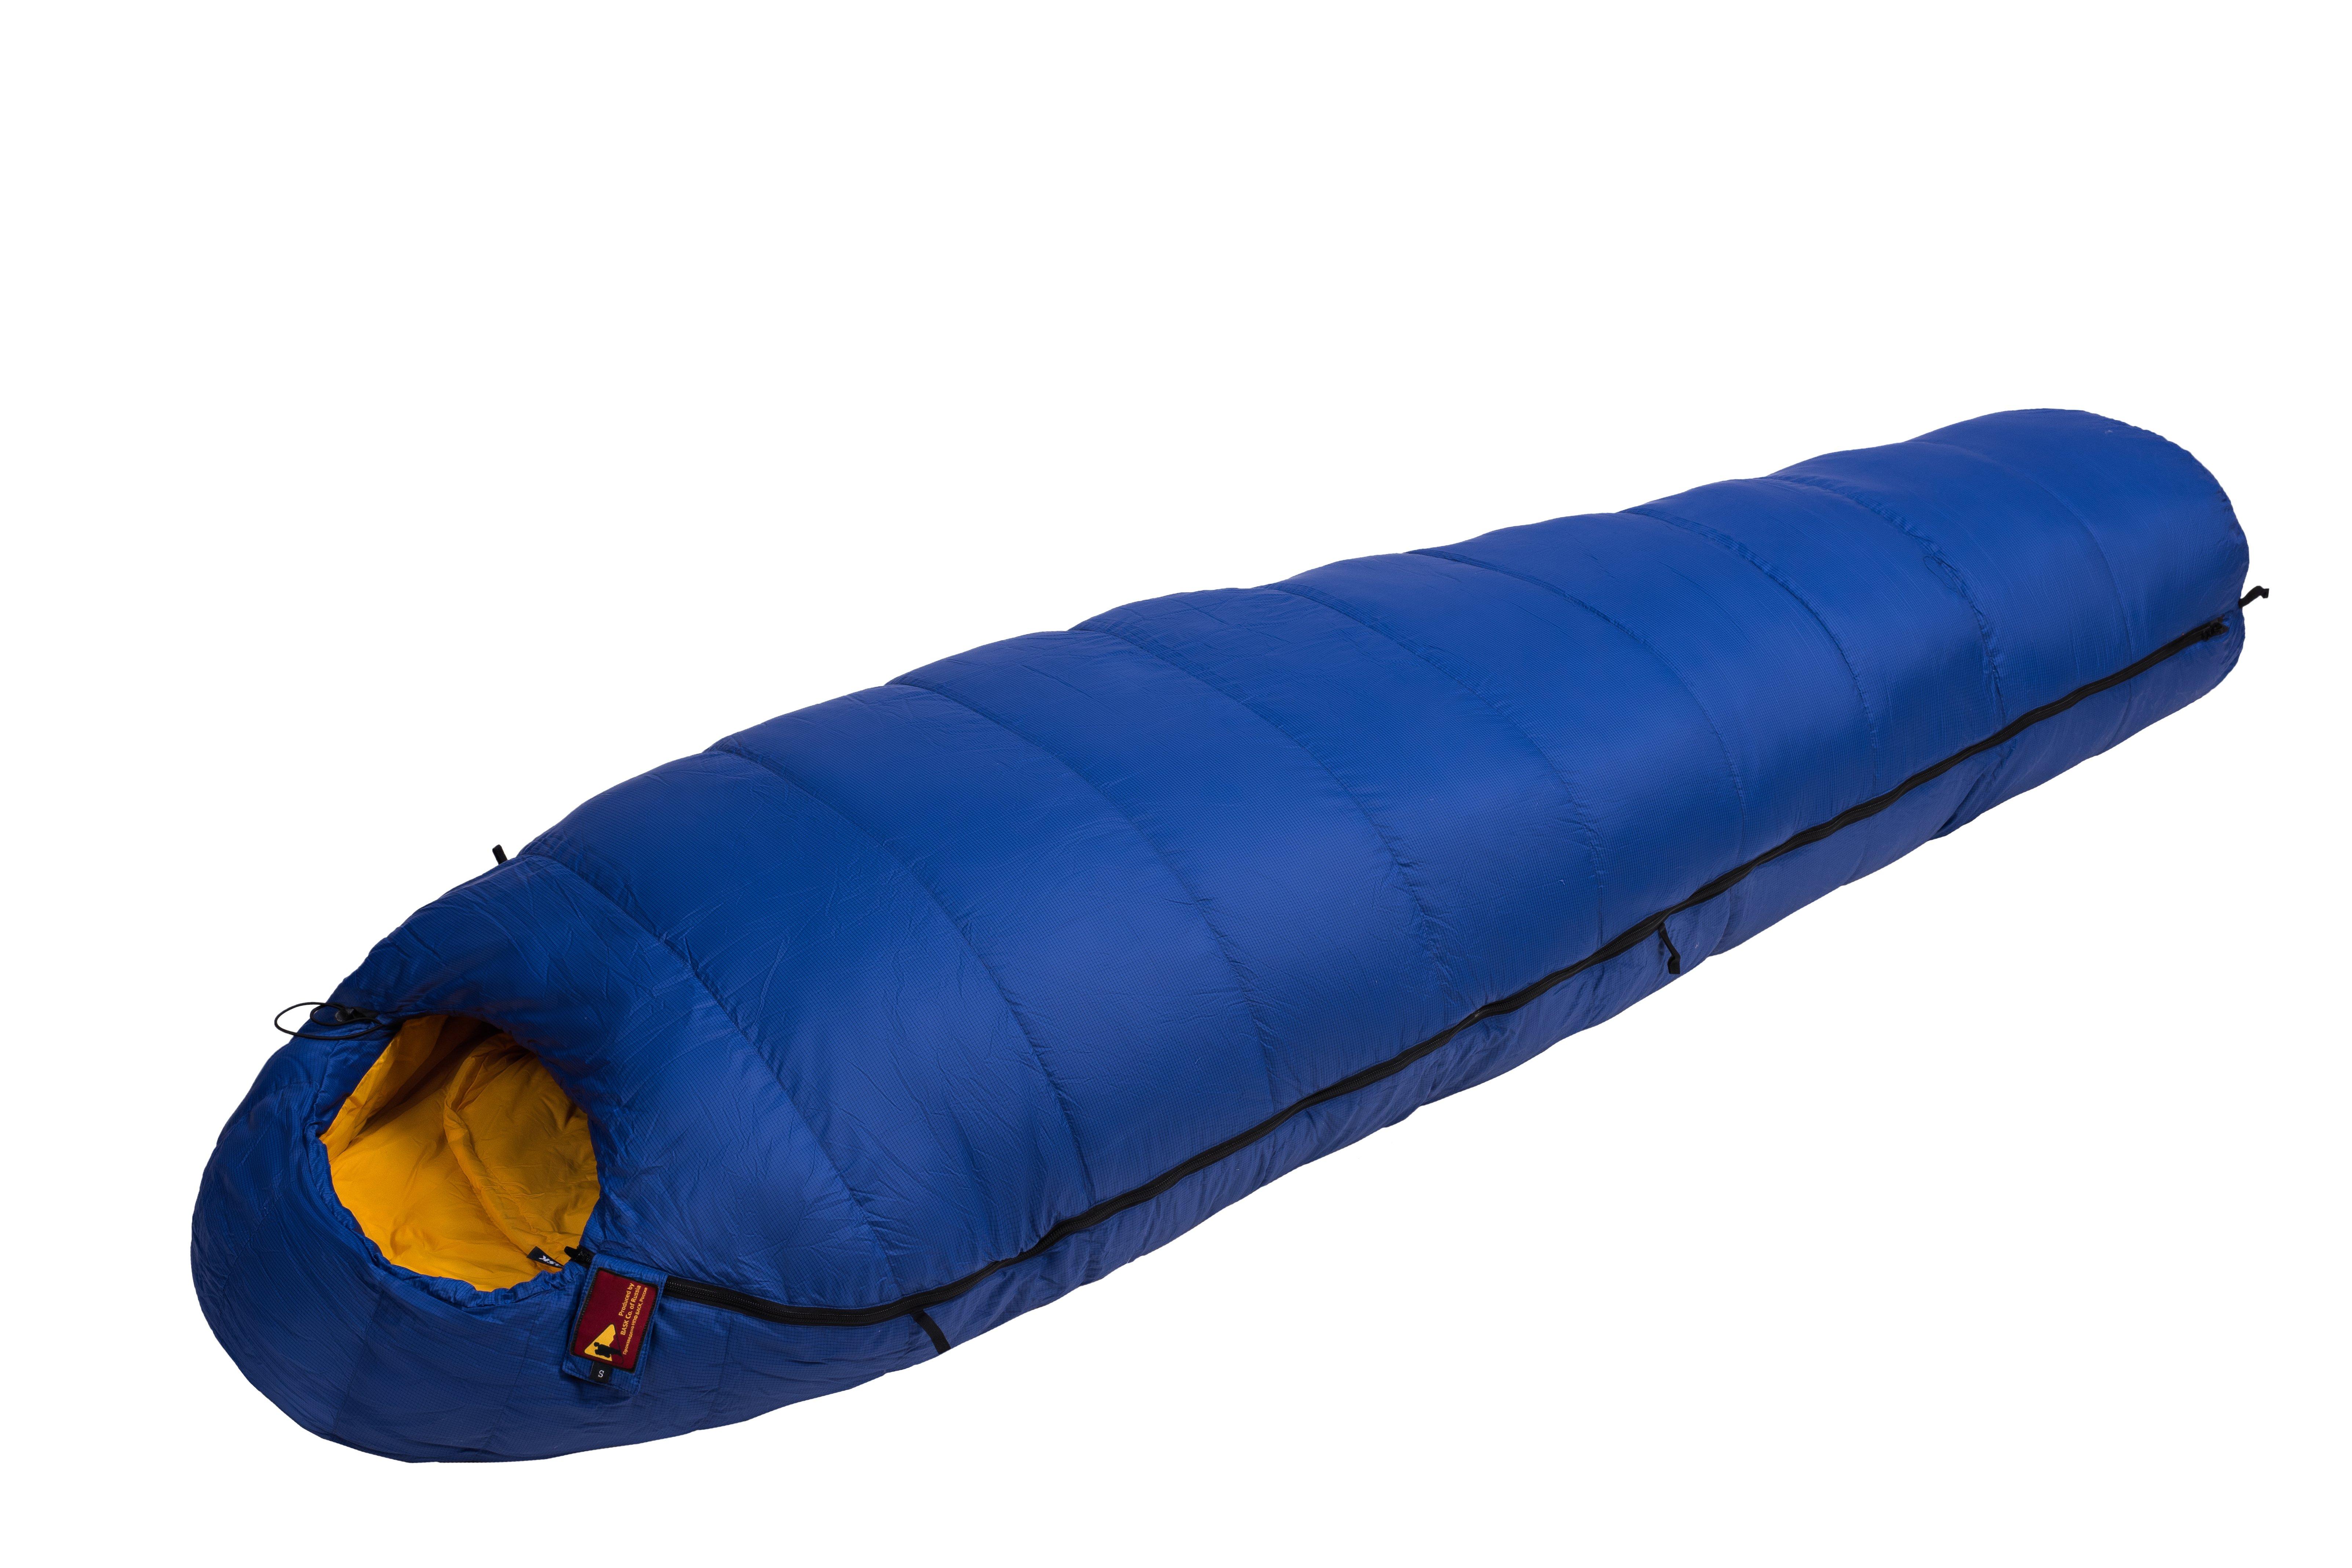 Спальный мешок BASK PAMIRS 800+FP S 1692dСпальные мешки<br>Пуховой спальный мешок в форме кокон для экстремальных условий -30 &amp;ordm;С.<br><br>Верхняя ткань: Advance® Classic<br>Вес без упаковки: 1190<br>Вес упаковки: 140<br>Вес утеплителя: 635<br>Внутренняя ткань: Advance® Classic<br>Назначение: Экстремальный<br>Наличие карманов: Да<br>Наполнитель: Гусиный пух<br>Нижняя температура комфорта °C: -11<br>Подголовник/Капюшон: Да<br>Показатель Fill Power (для пуховых изделий): 850<br>Пол: Унисекс<br>Размер в упакованном виде (диаметр х длина): 22x46<br>Размеры наружные (внутренние): 198х175х80х54<br>Система расположения слоев утеплителя или пуховых пакетов: Смещенные швы<br>Температура комфорта °C: -4<br>Тесьма вдоль планки: Да<br>Тип молнии: Двухзамковая-разъёмная<br>Тип утеплителя: Натуральный<br>Утеплитель: Гусиный пух<br>Утепляющая планка: Да<br>Форма: Кокон<br>Шейный пакет: Да<br>Экстремальная температура °C: -30<br>Размер RU: R<br>Цвет: СИНИЙ